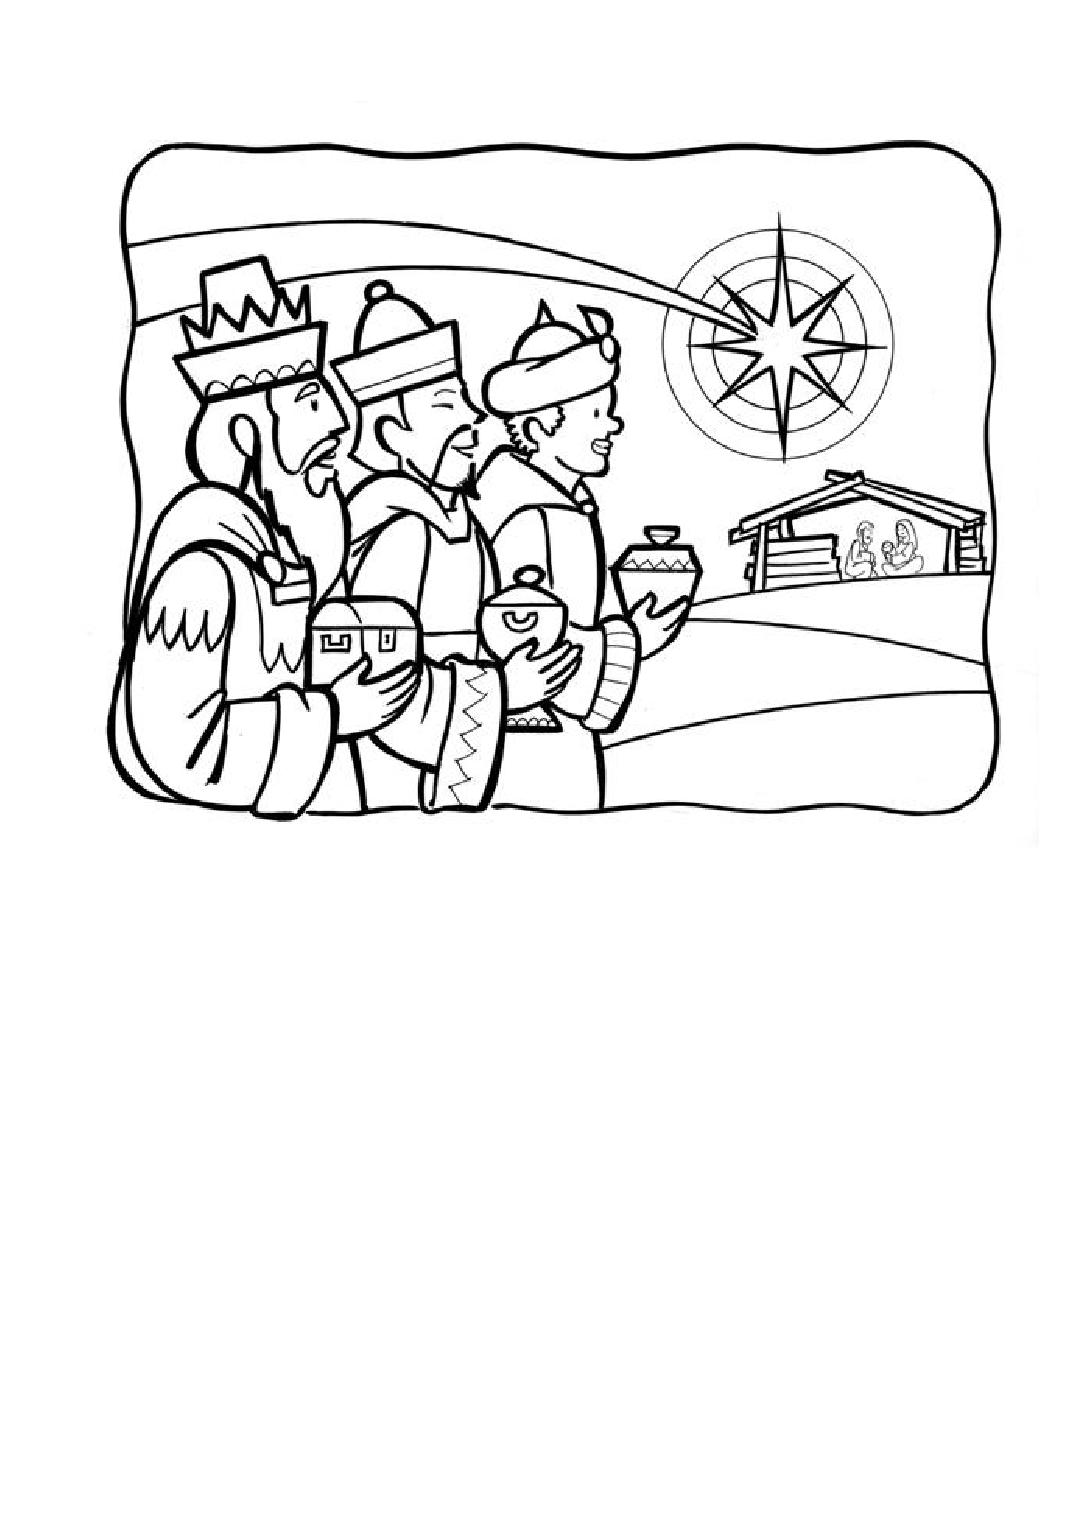 Imagen para Colorear de los Reyes Magos Llegando a Belén